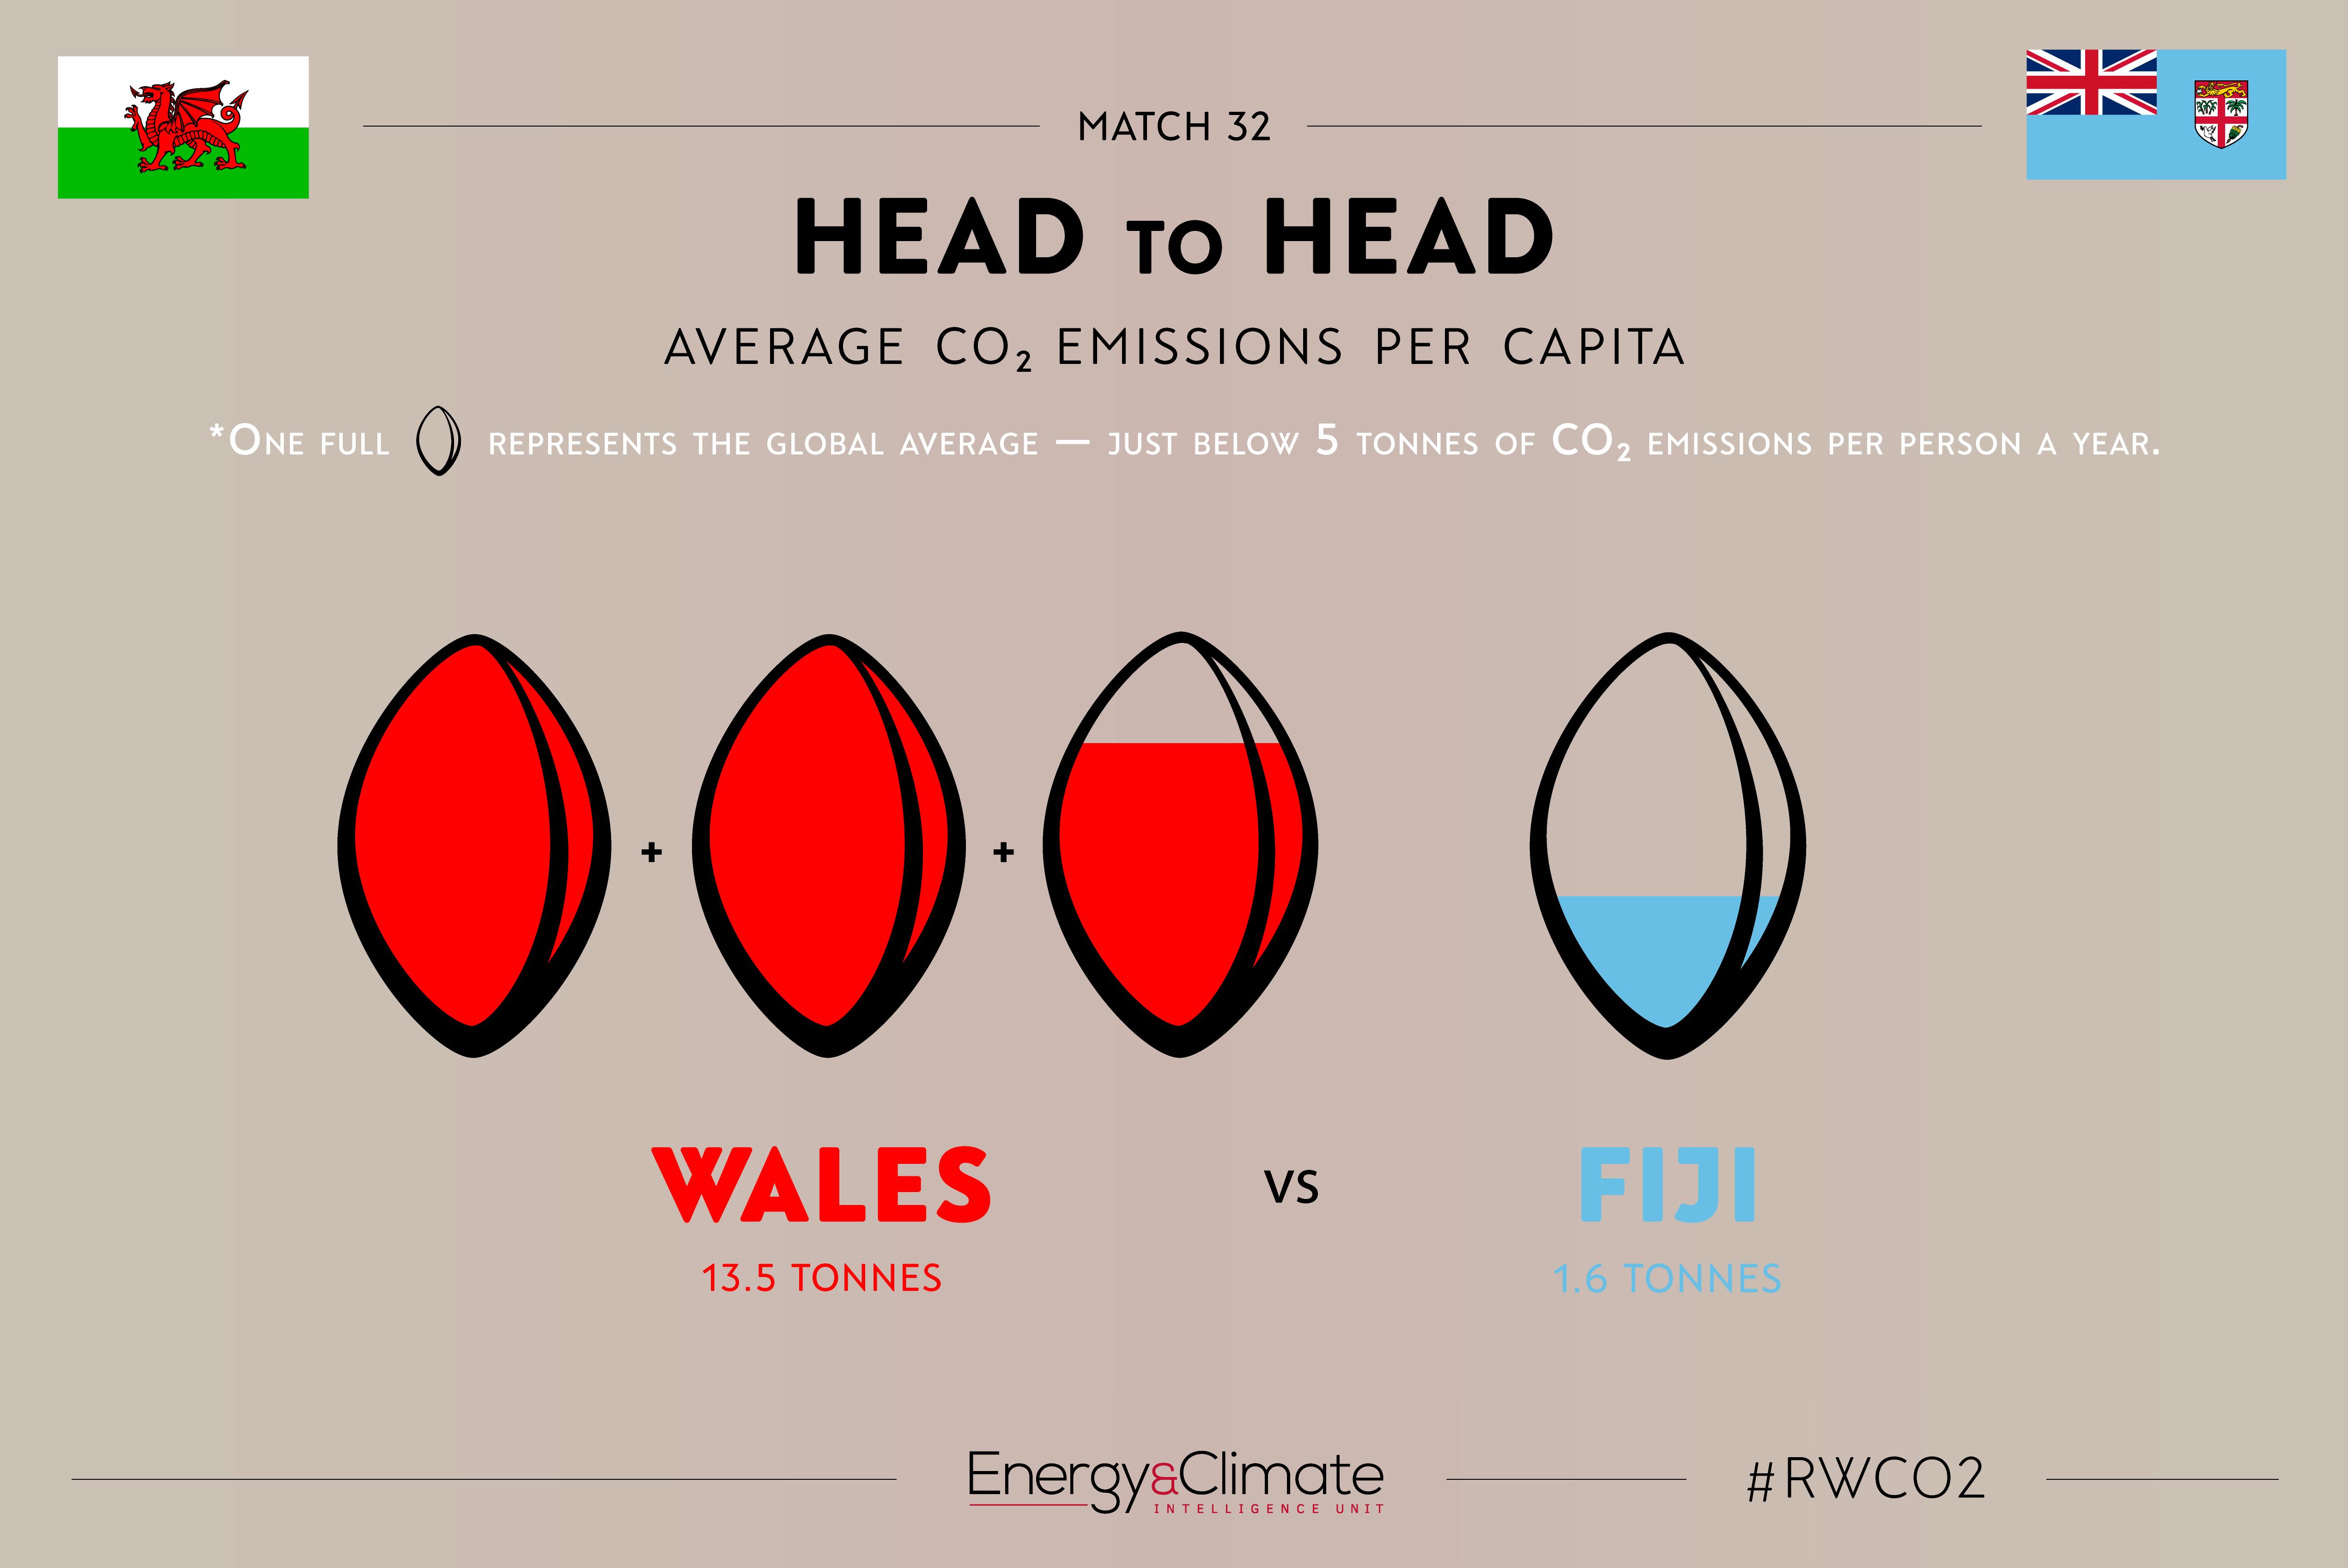 Wales v Fiji - per capita emissions